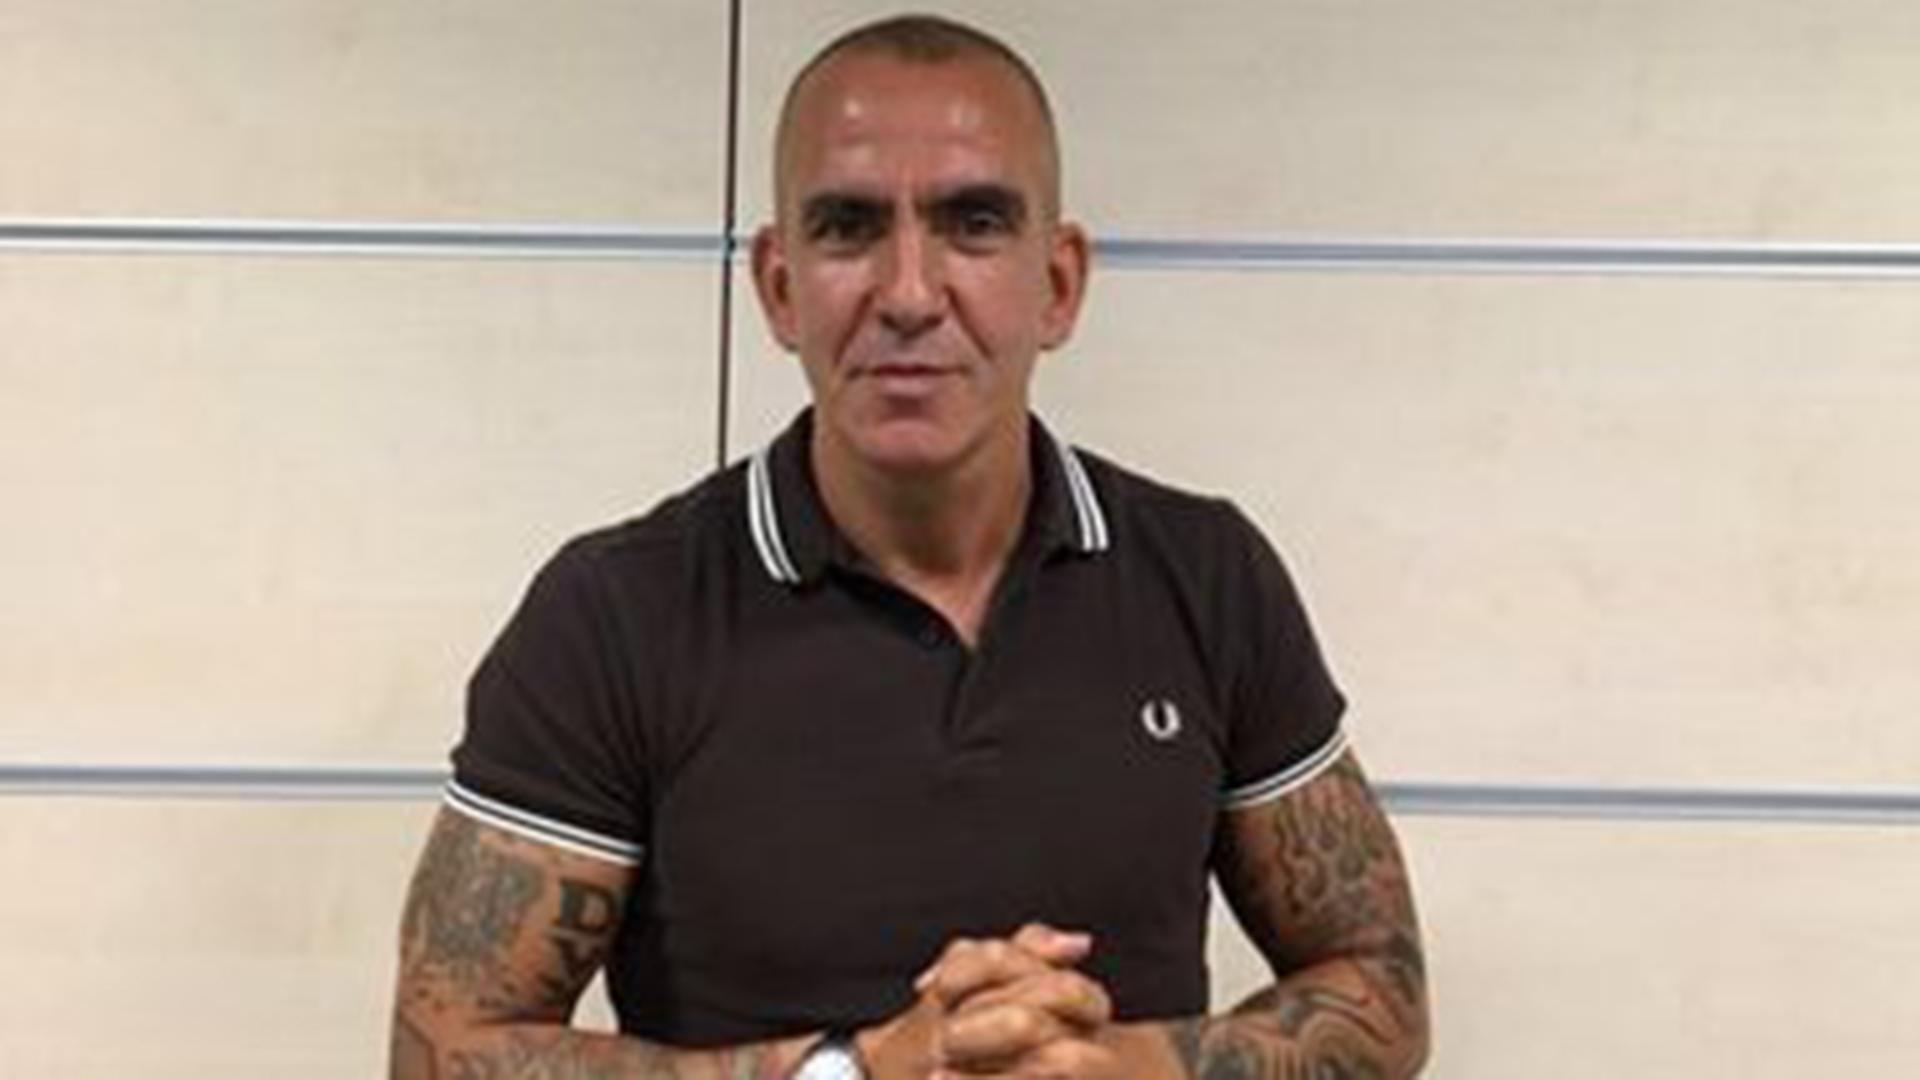 Tatuaggio fascista, Sky rescinde contratto con Paolo Di Canio